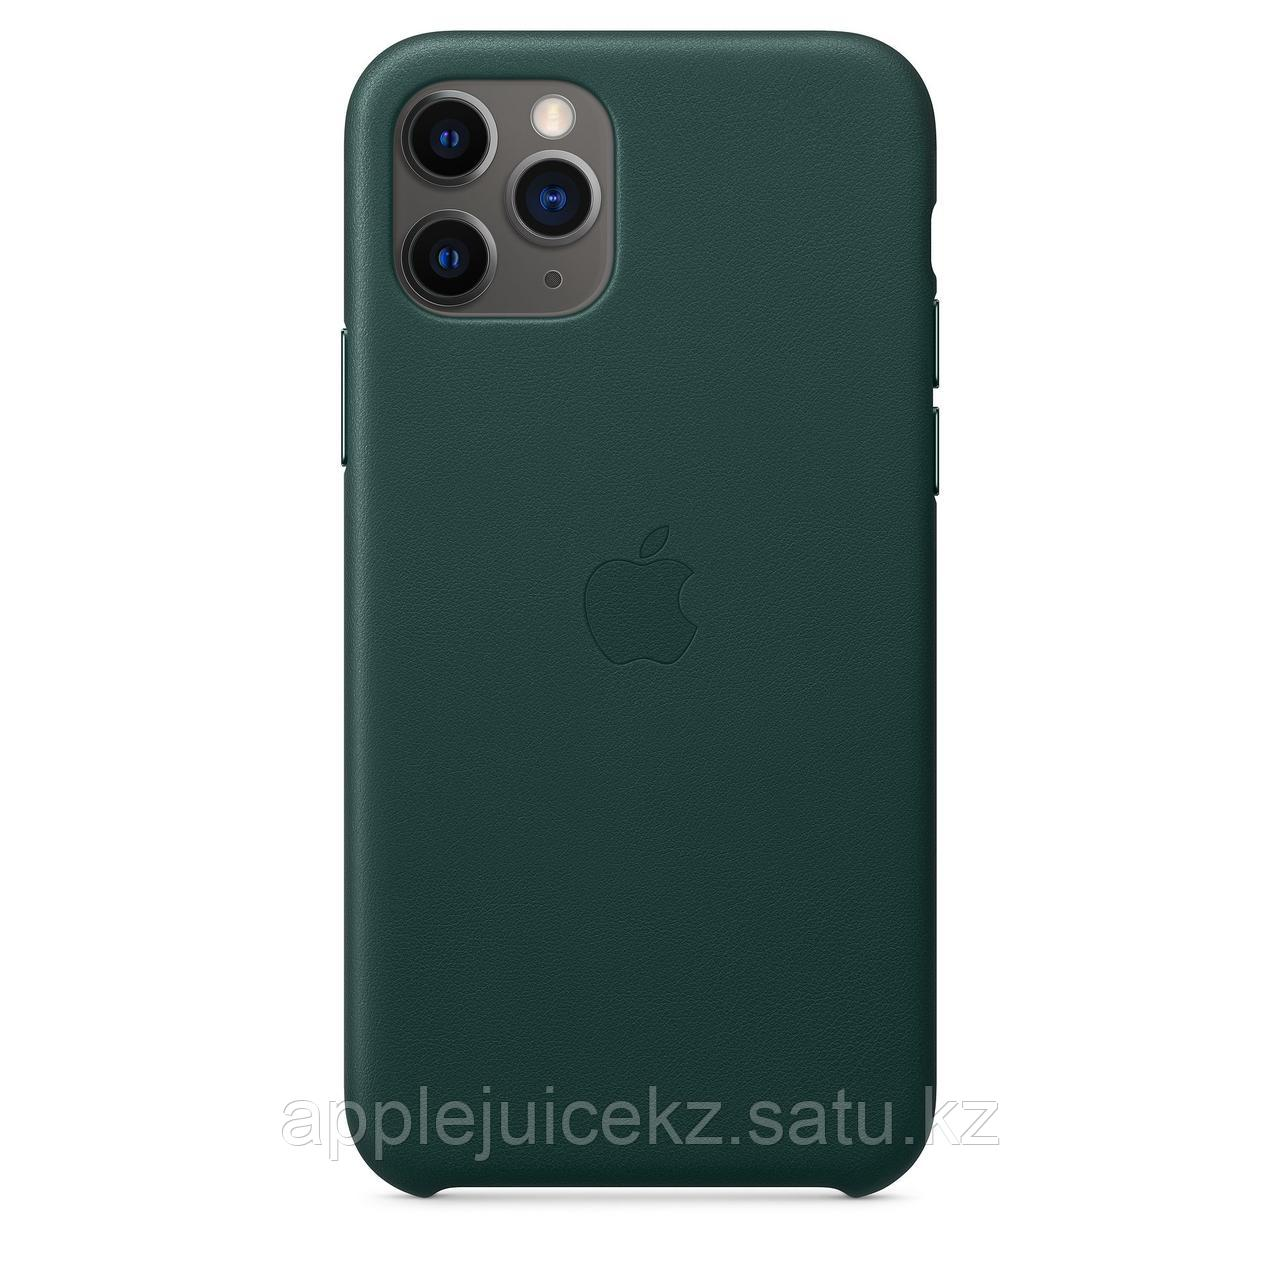 Кожаный чехол для iPhone 11 Pro, цвет «зелёный лес»/ Кожаный чехол для iPhone 11 Pro Max, цвет «лимонный сироп